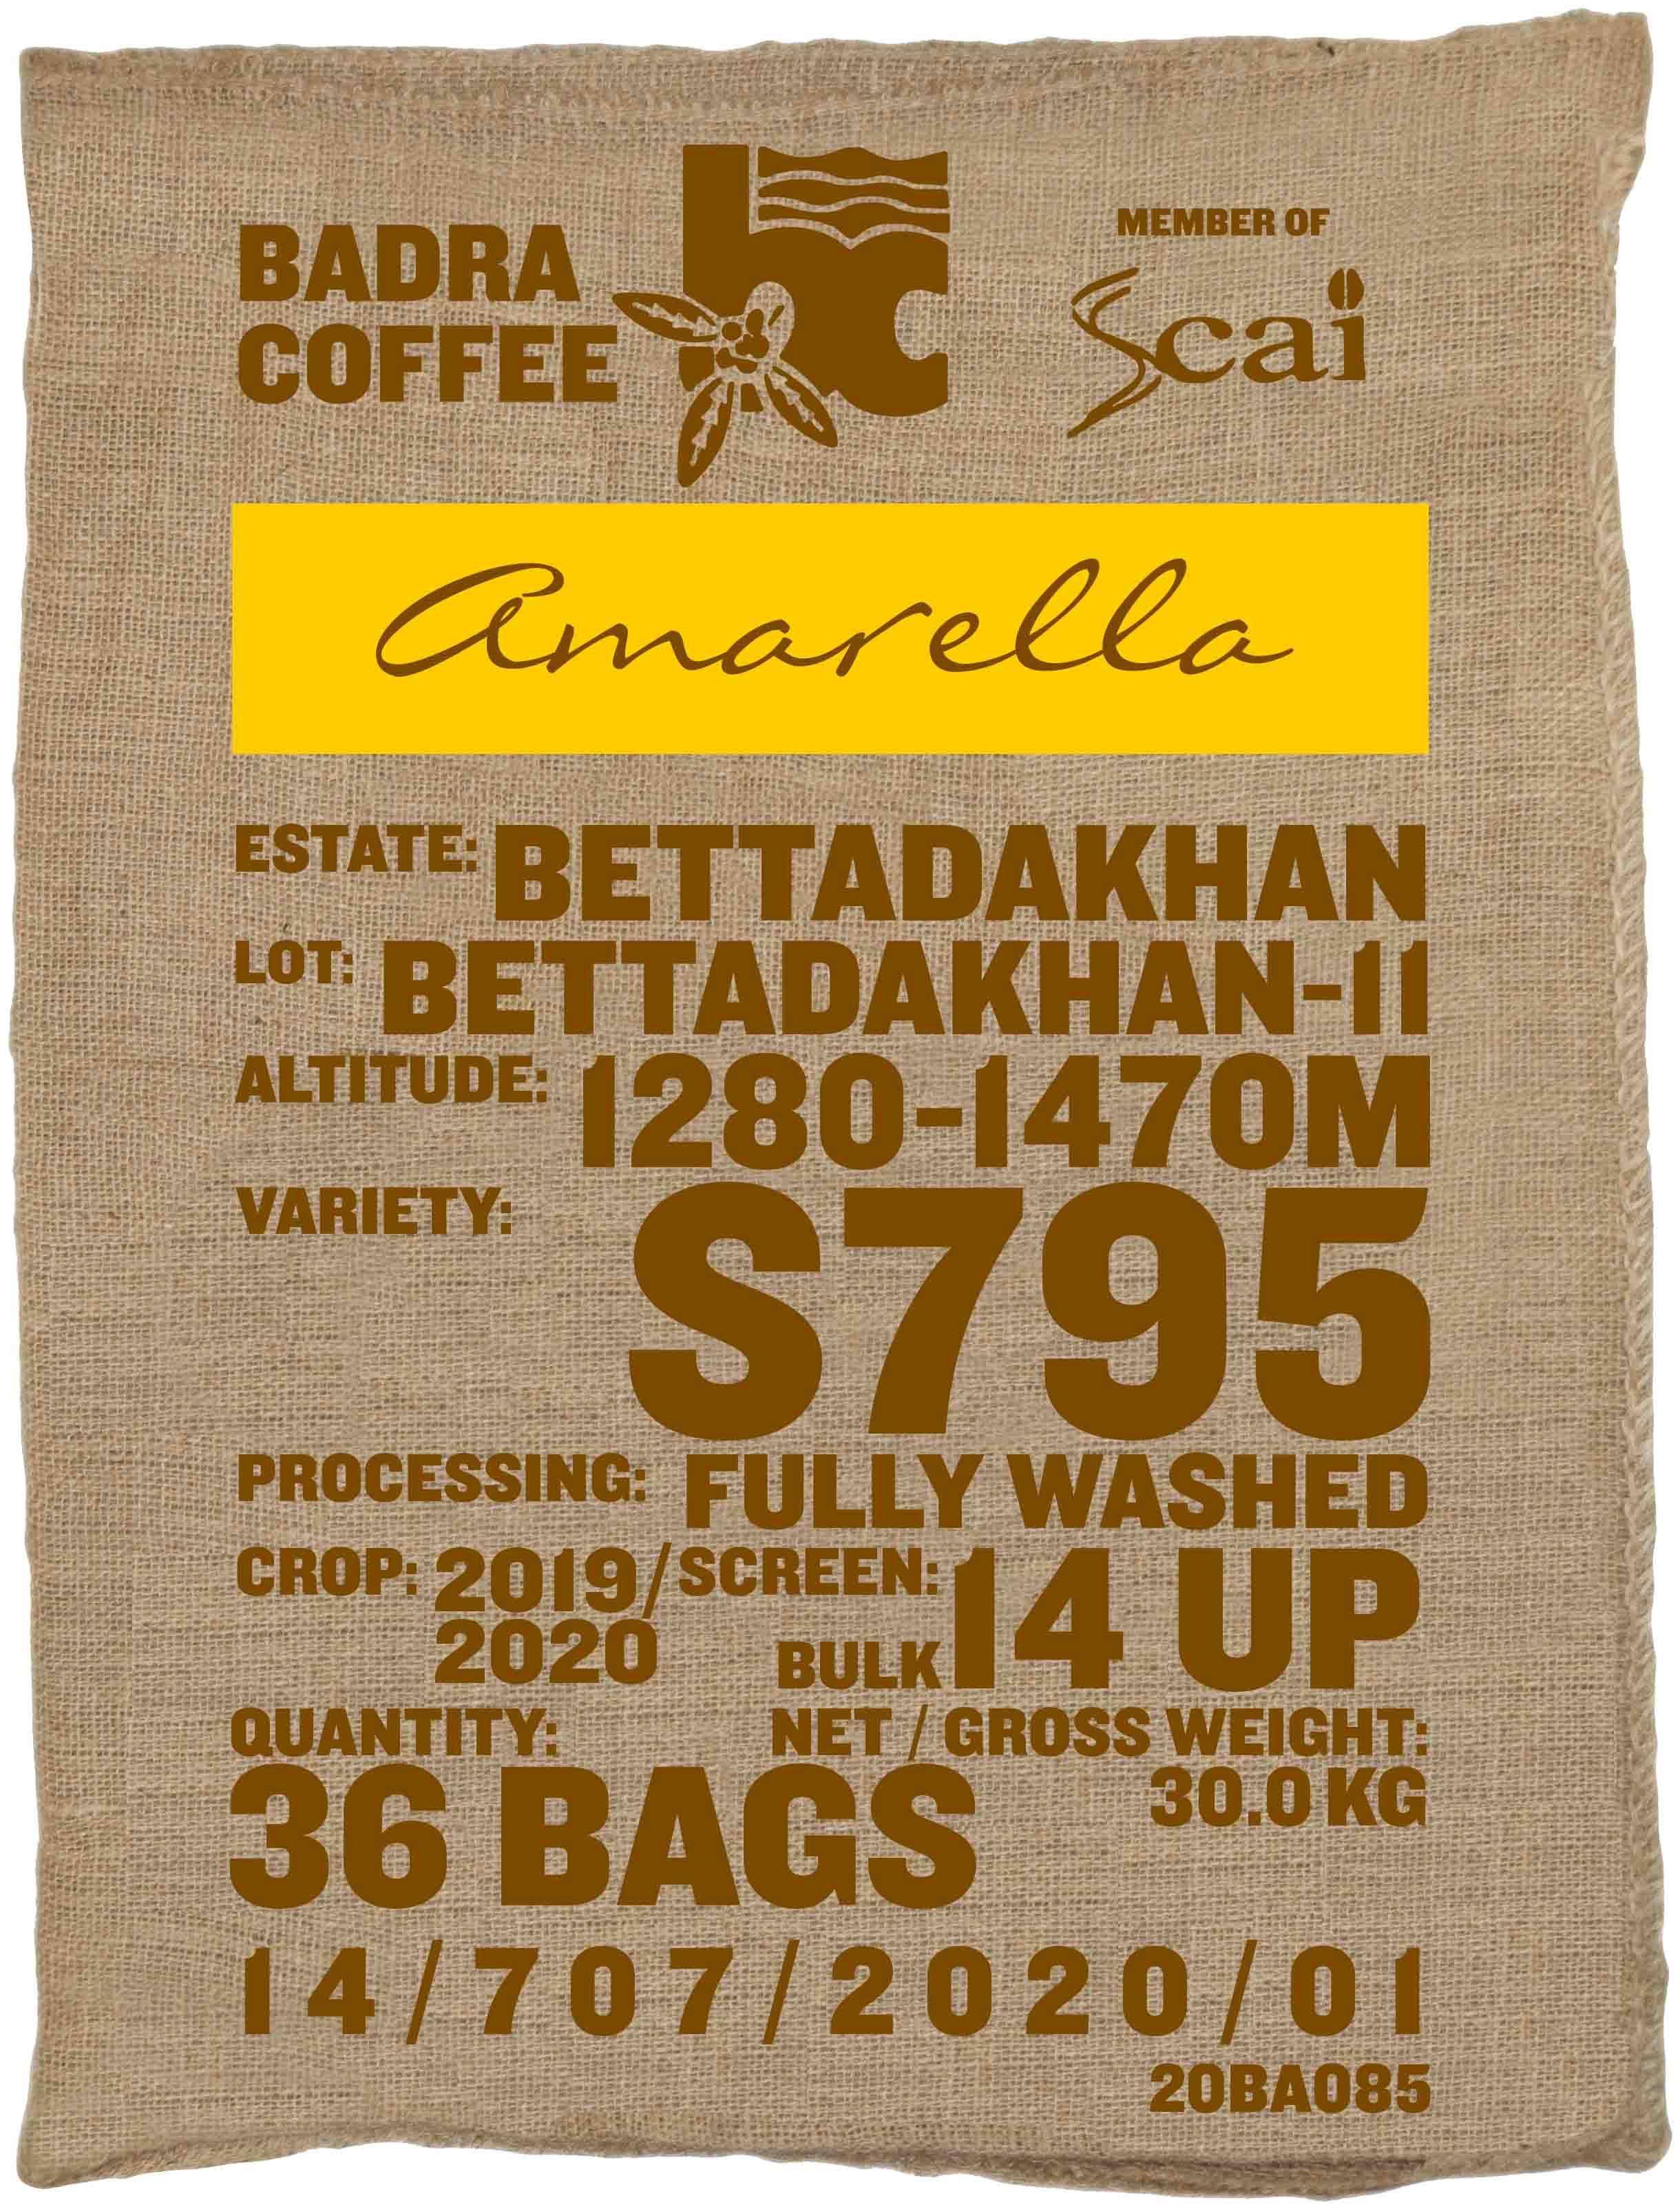 Ein Rohkaffeesack amarella Parzellenkaffee Varietät S795. Bara Estates Lot Bettadakhan 11.